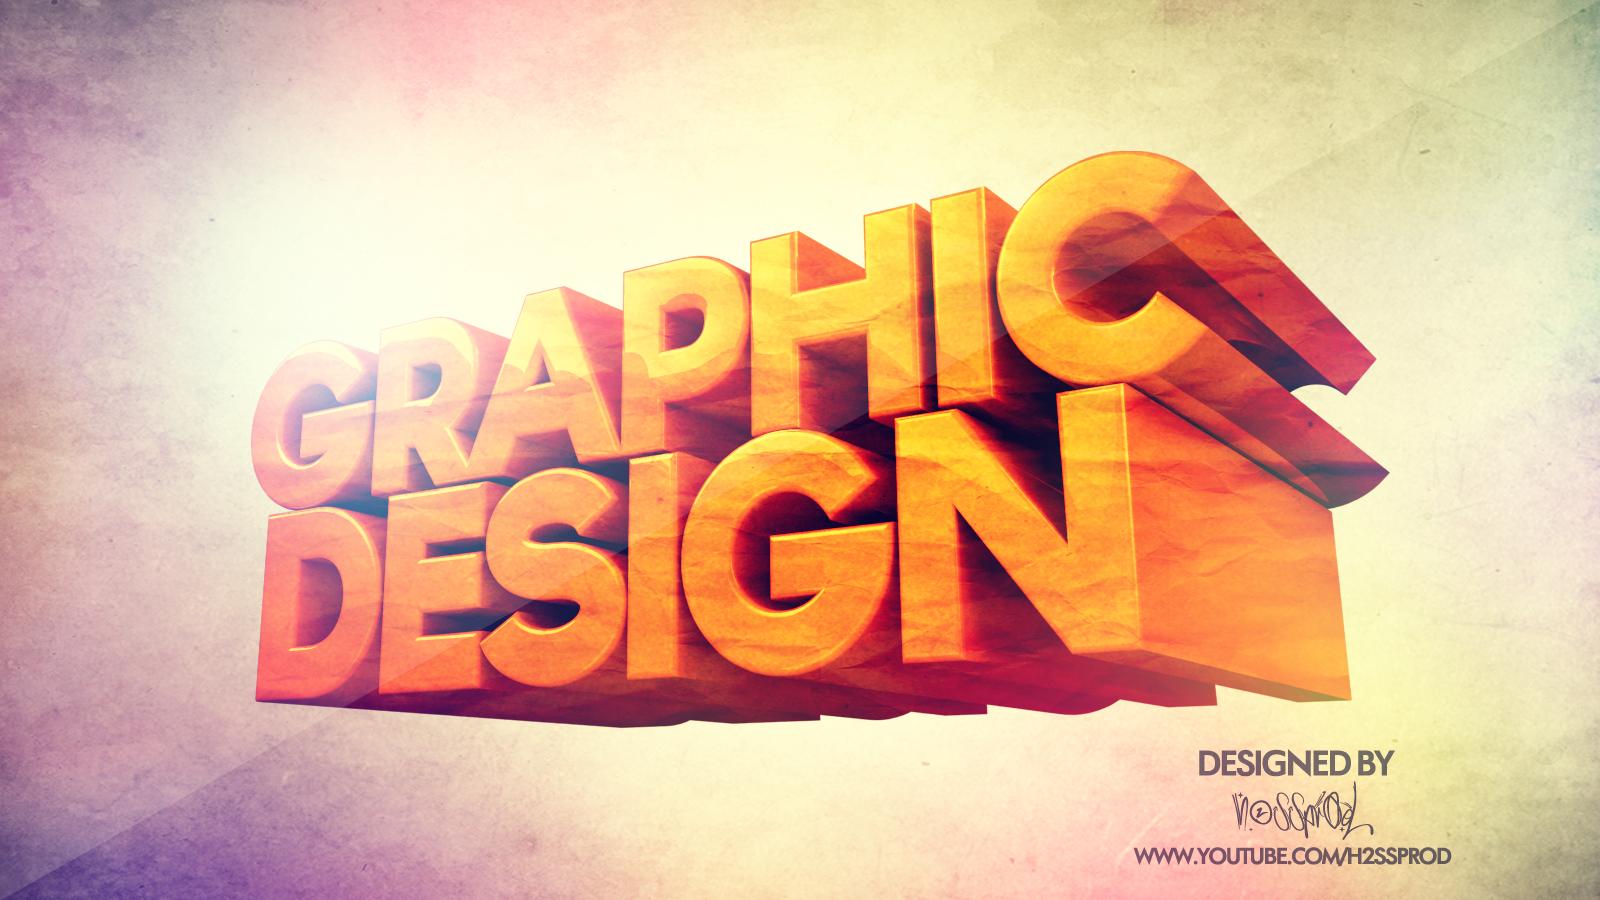 Graphic Art Wallpapers Wallpapersafari